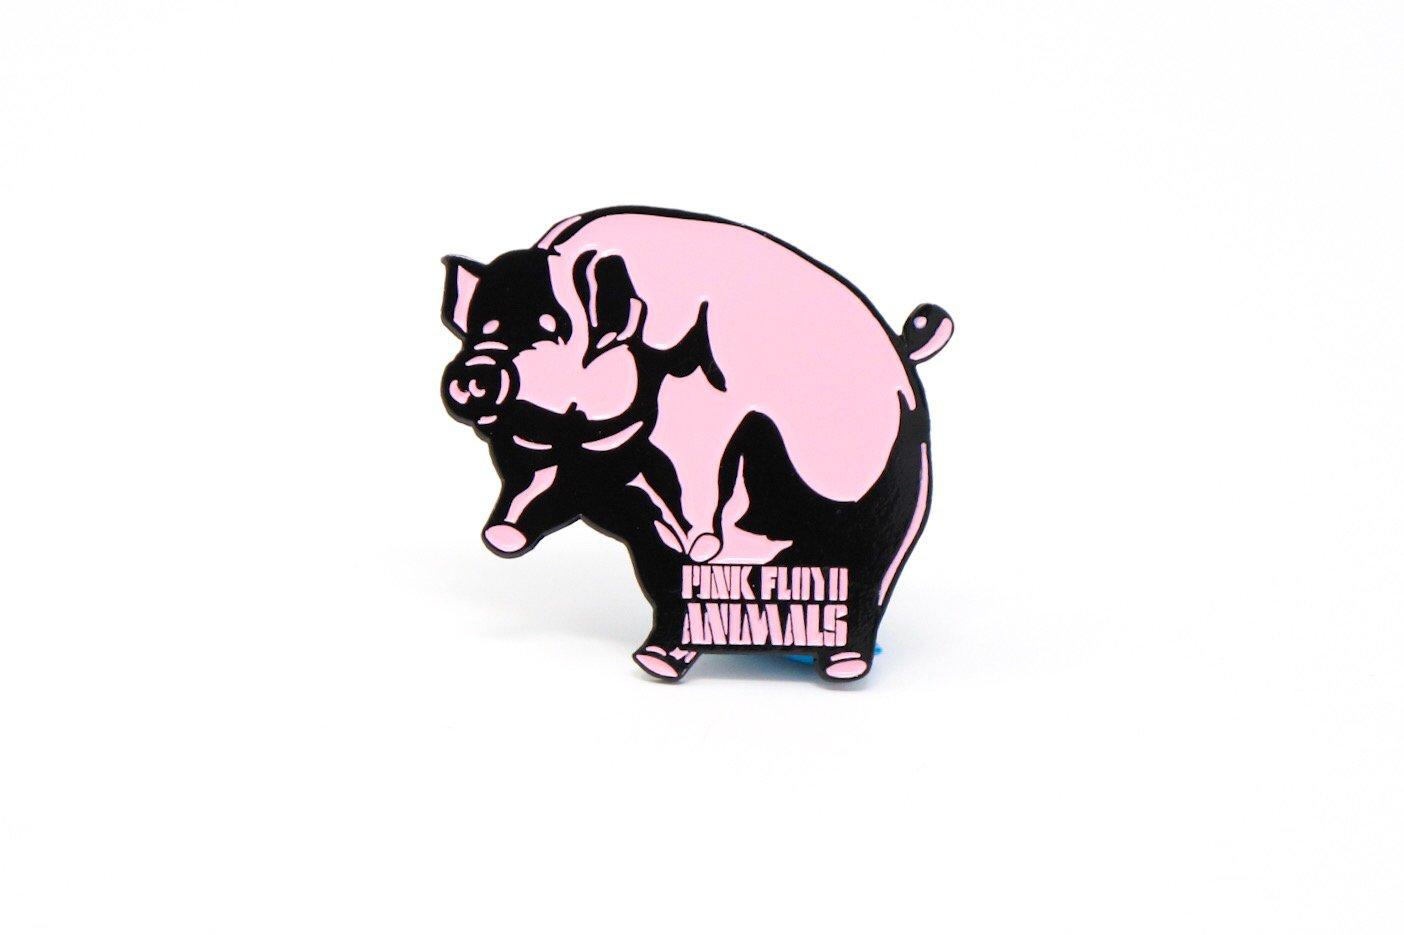 Image of Pink Floyd Animals Pig Enamel Pin